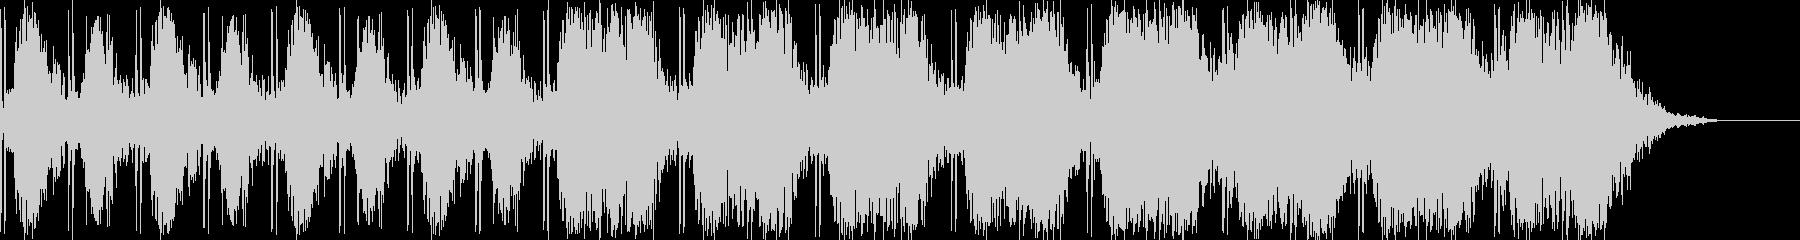 不穏で不気味な雰囲気のBGMの未再生の波形